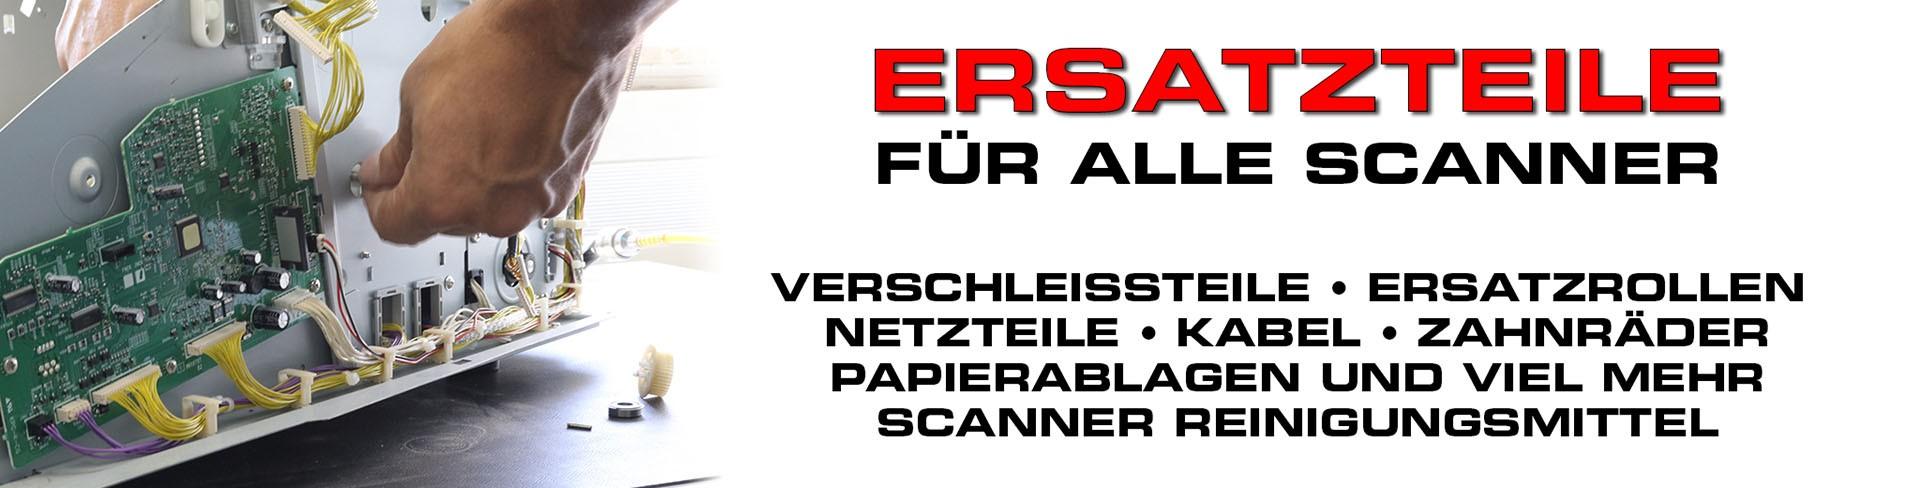 Verschleißteile und Ersatzteile für alle Scanner